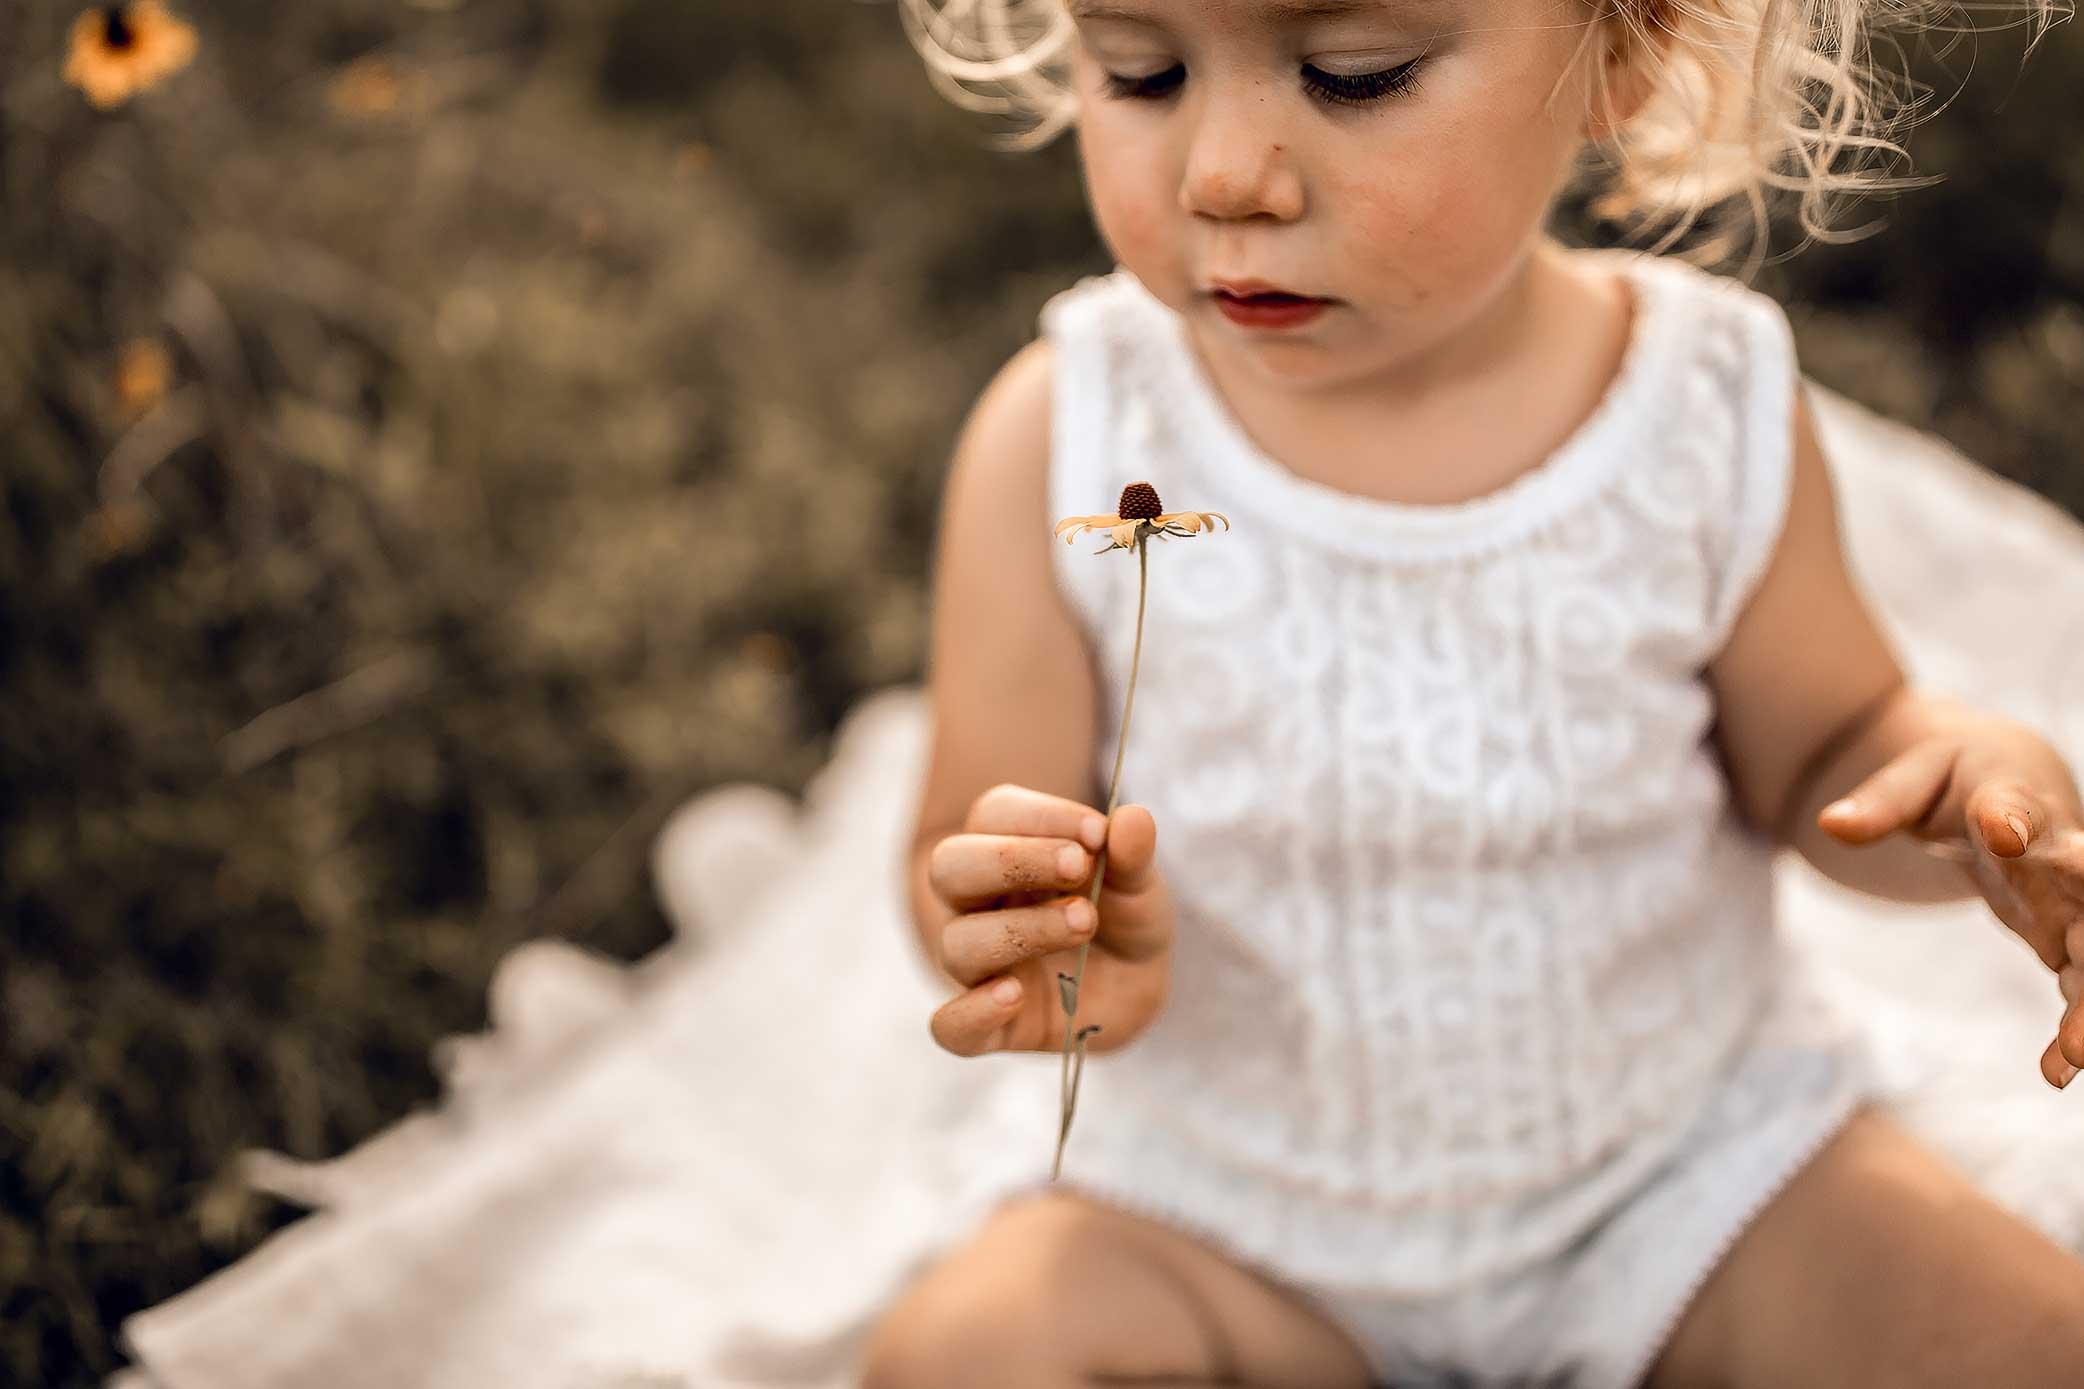 shelby-schiller-photography-family-child-smelling-flower.jpg